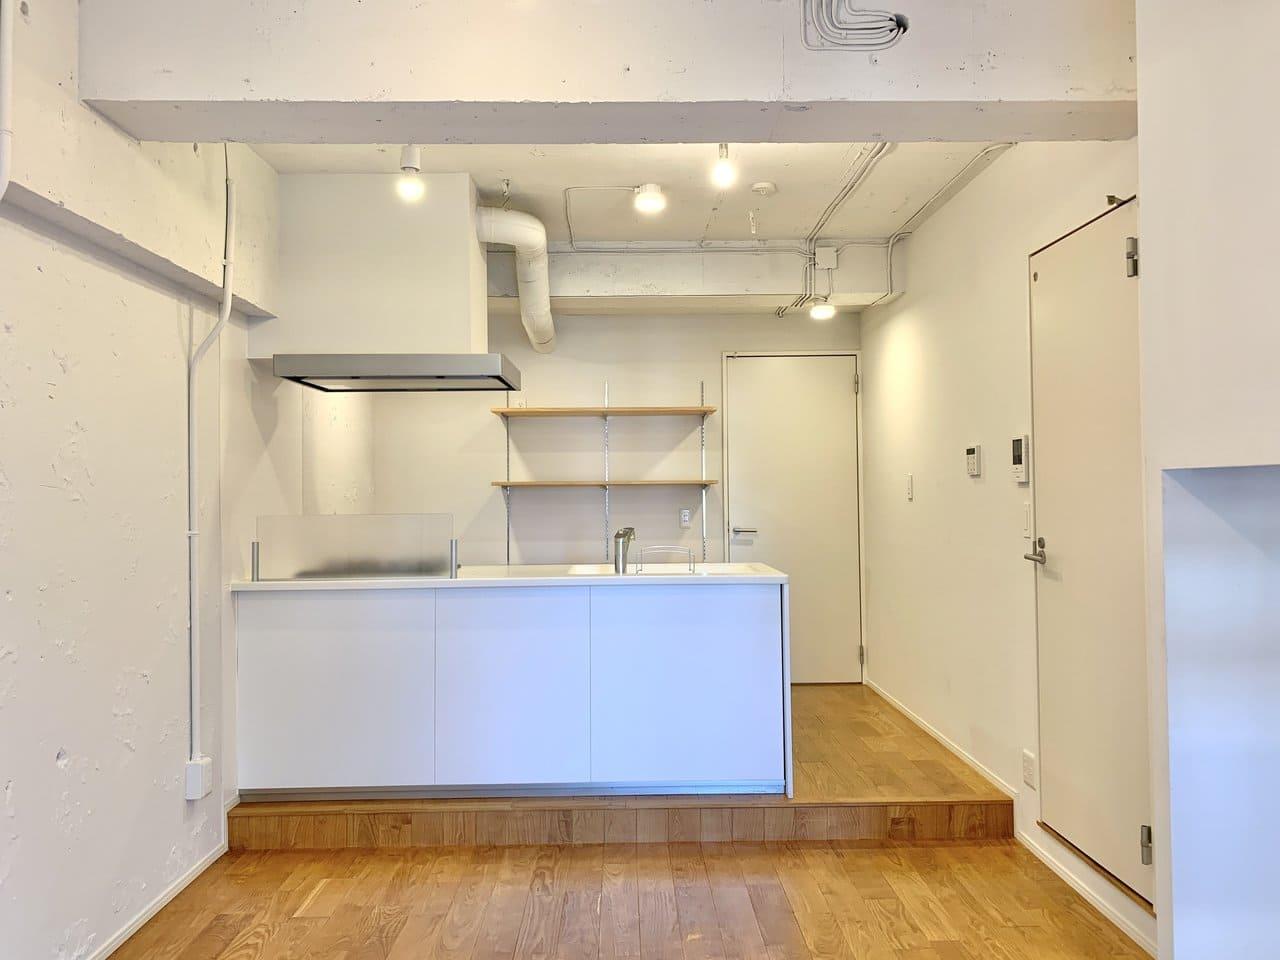 キッチンは開放的な空間を見渡せるカウンタ―タイプ。背面には可動棚があり、食器やケトルなど並べられます。